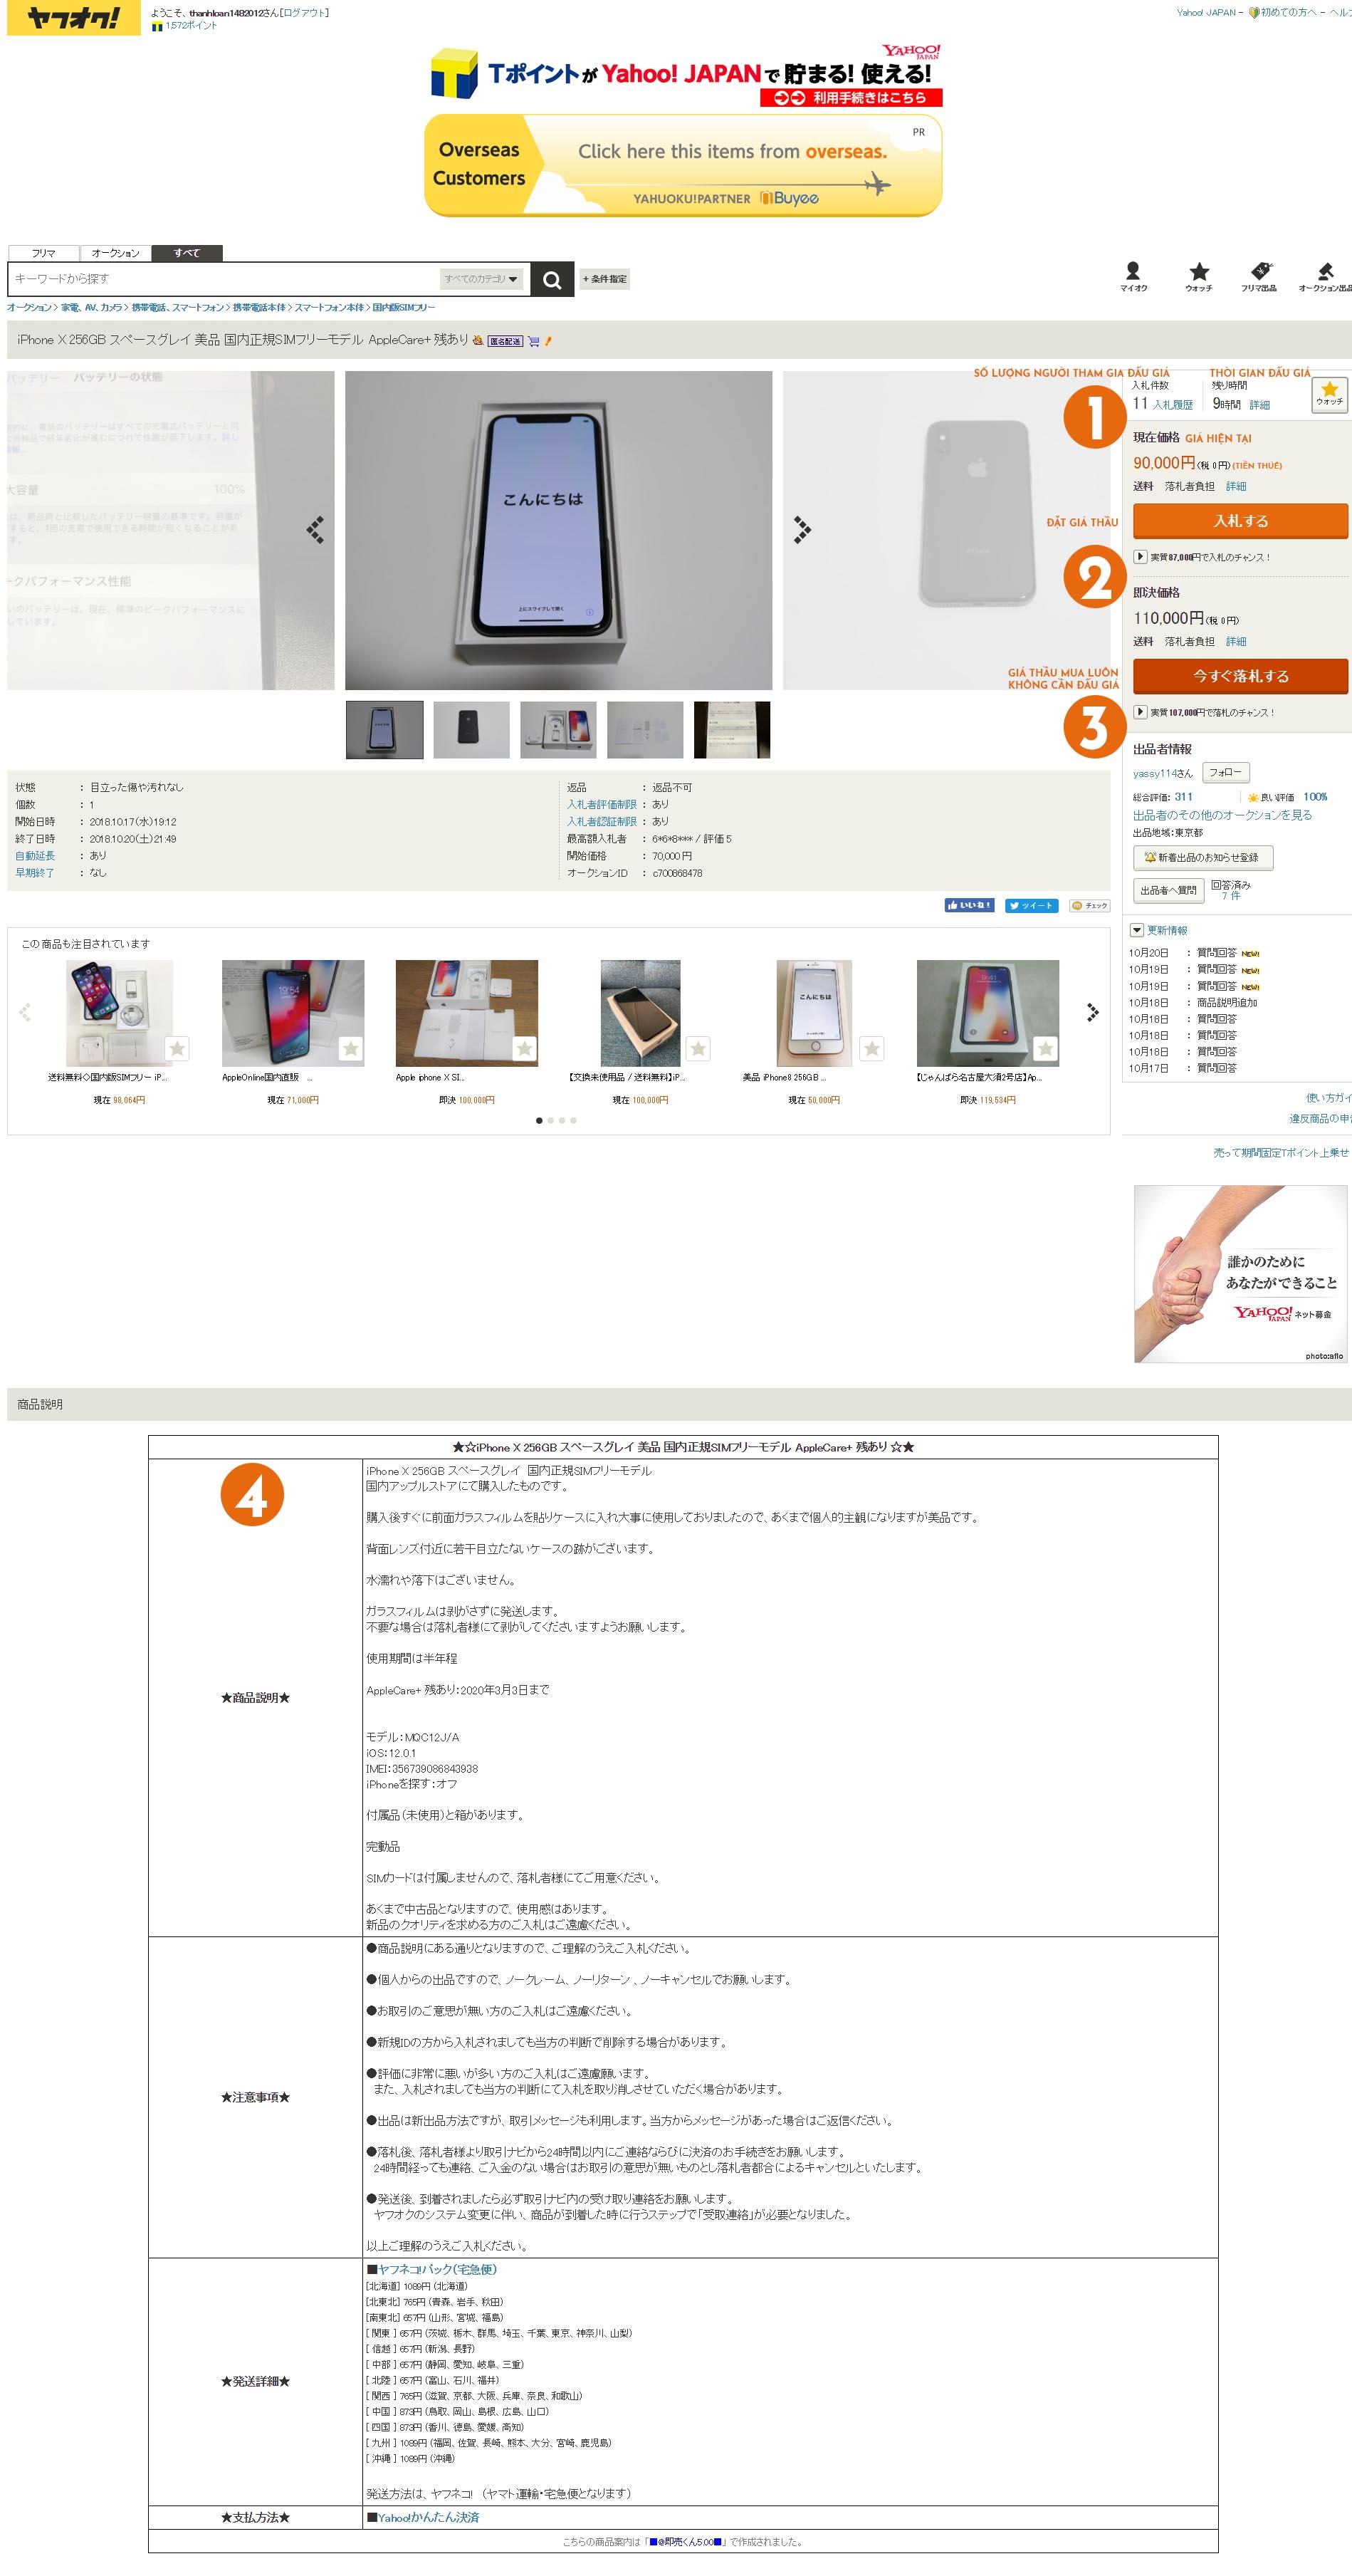 Giao diện trang đấu giá sản phẩm Auction Yahoo Japan